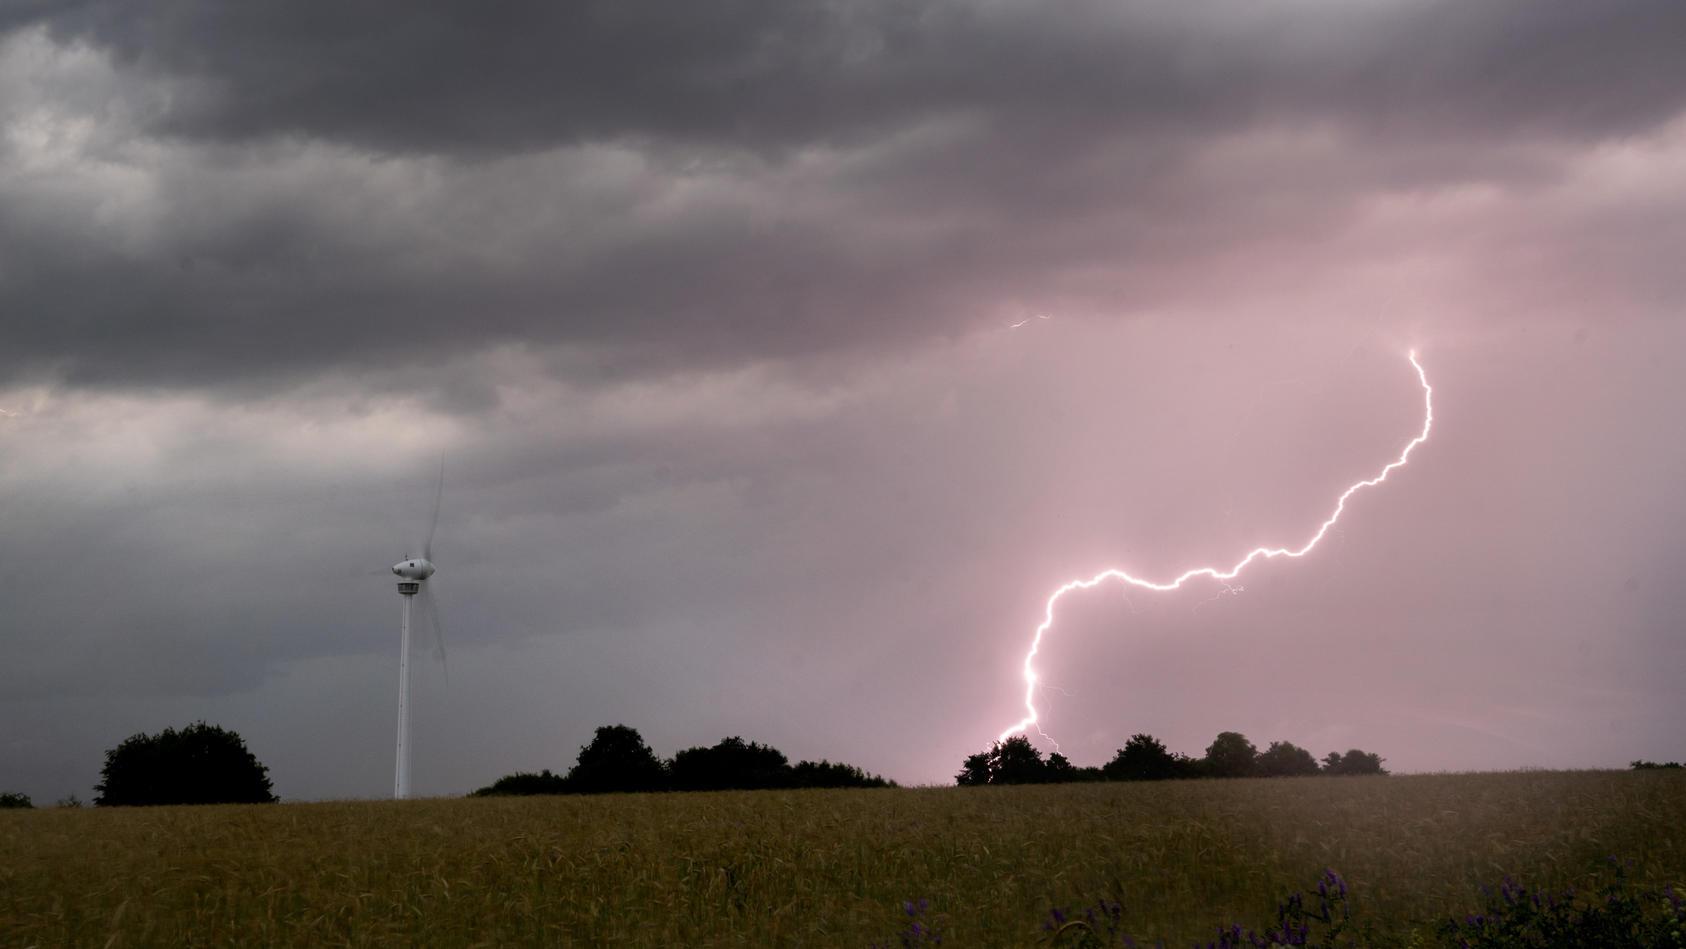 Ein kurzes starkes Gewitter war am Mittwochmittag über Mecklenburg-Vorpommern gezogen. (Symbolbild)